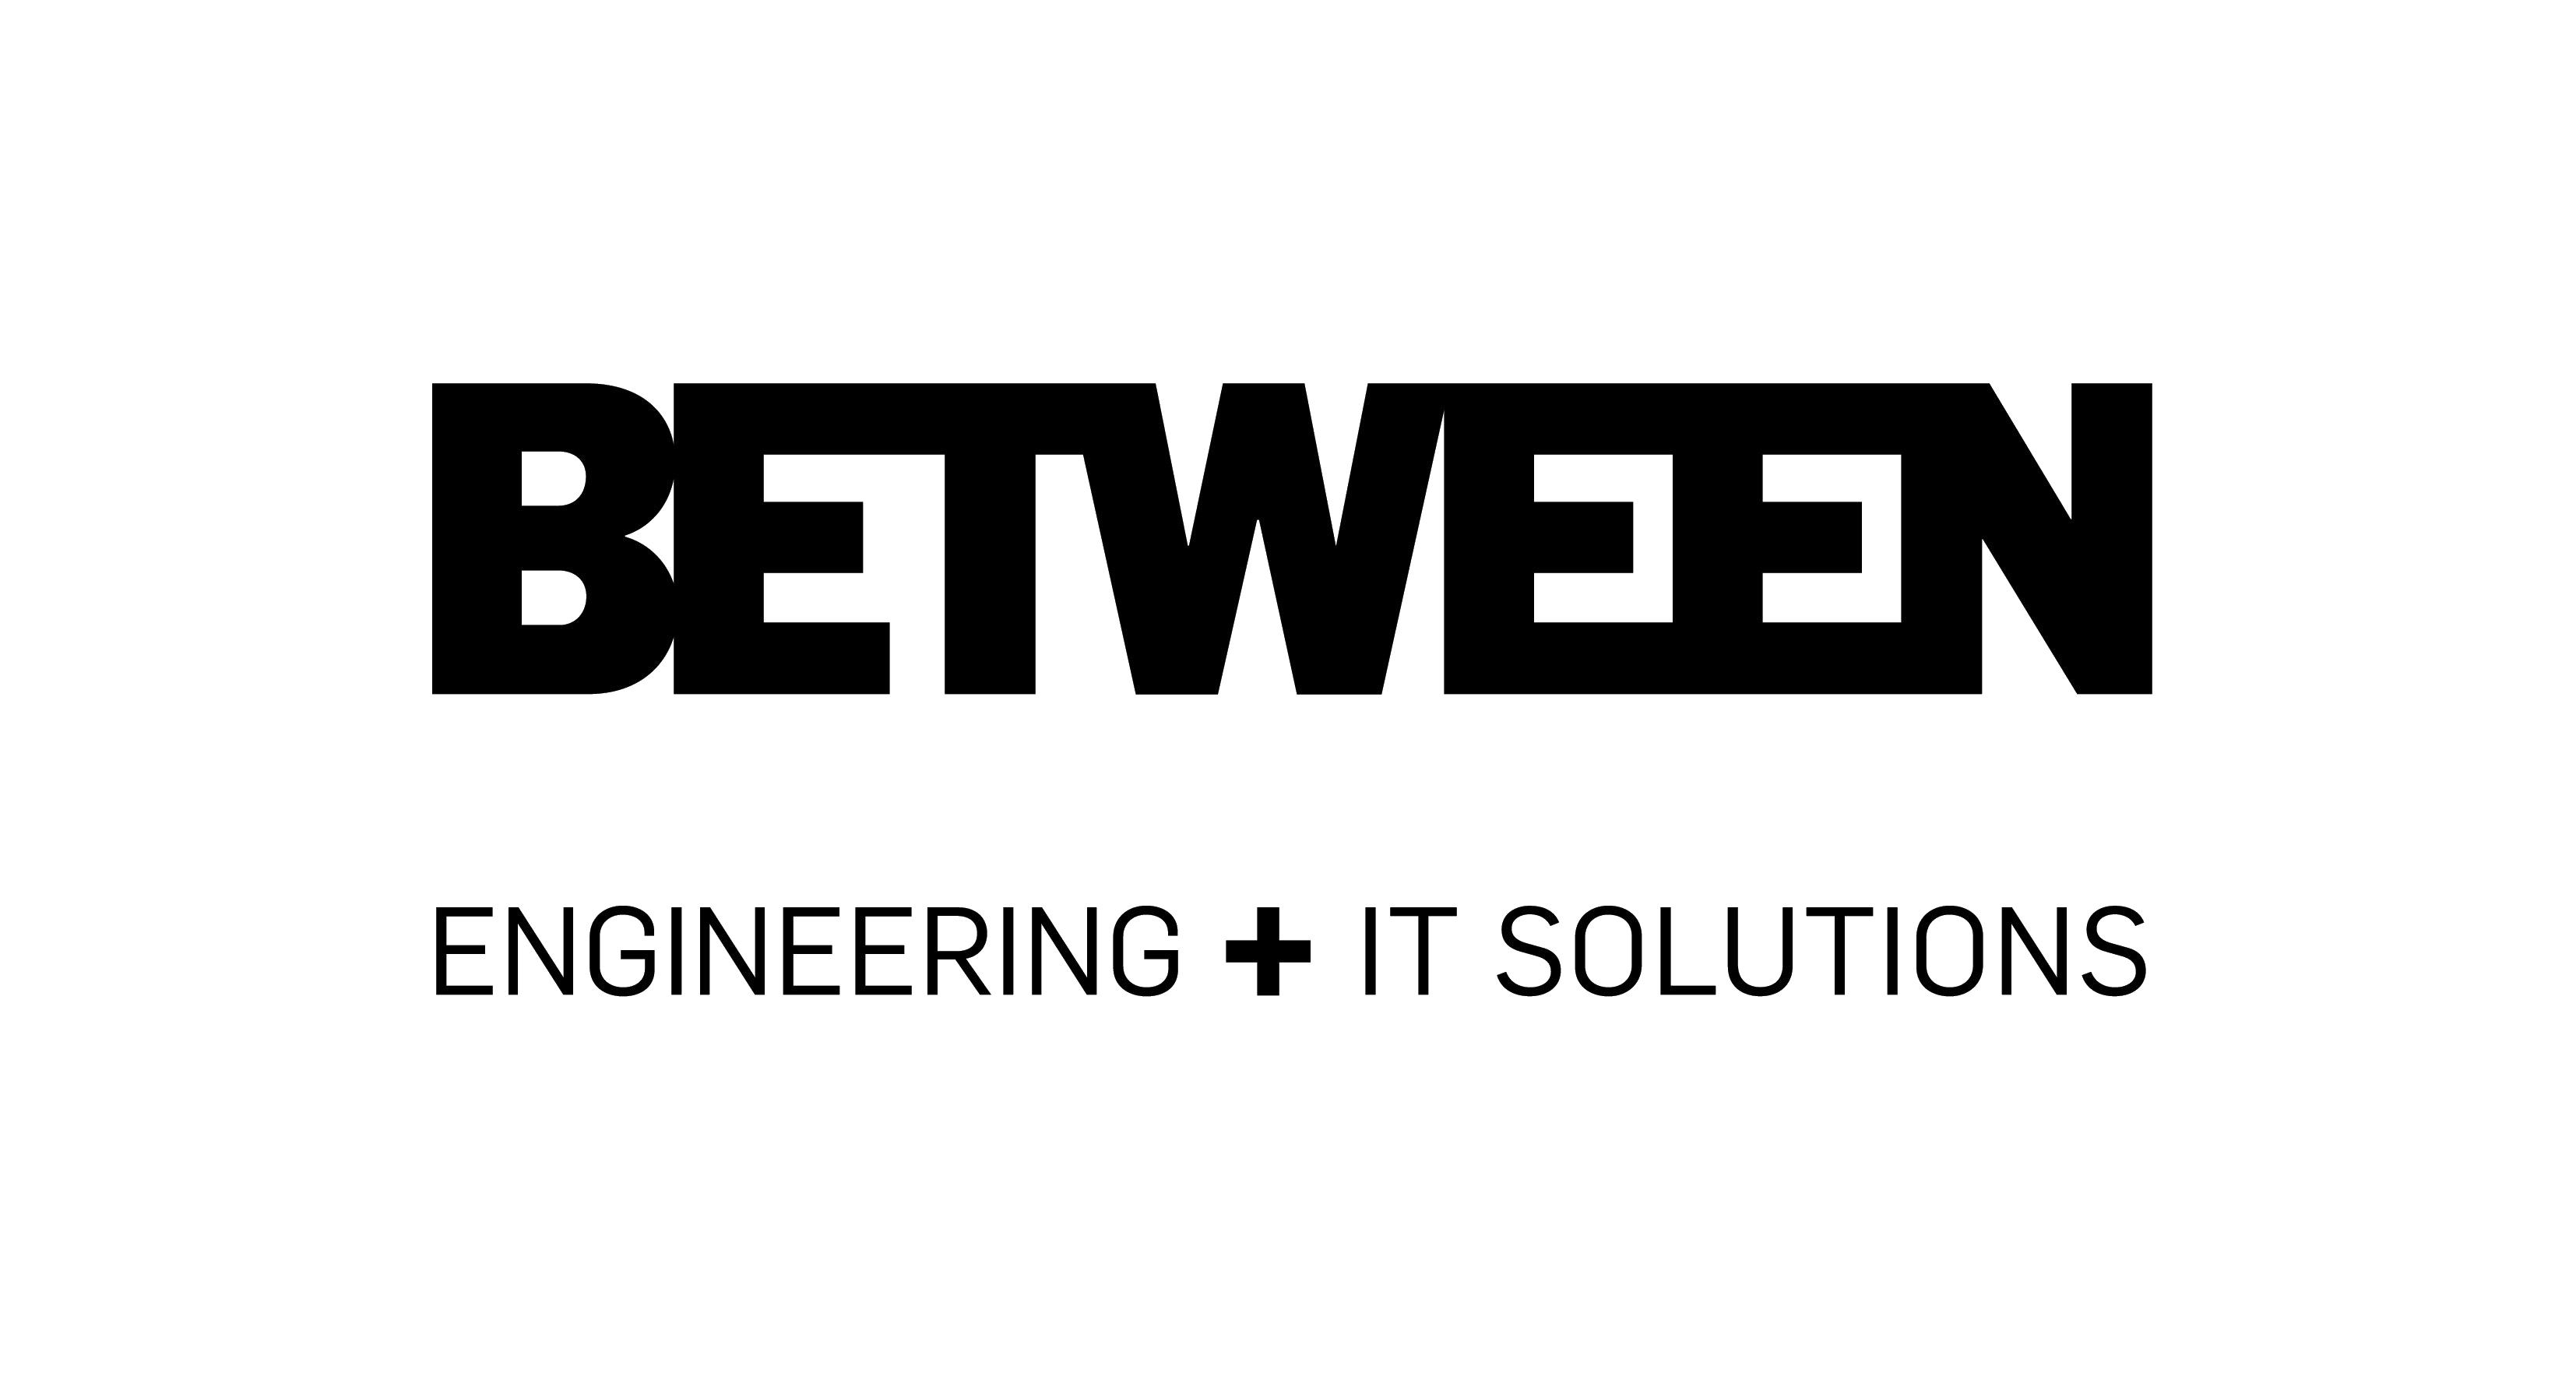 Between Tech Logo